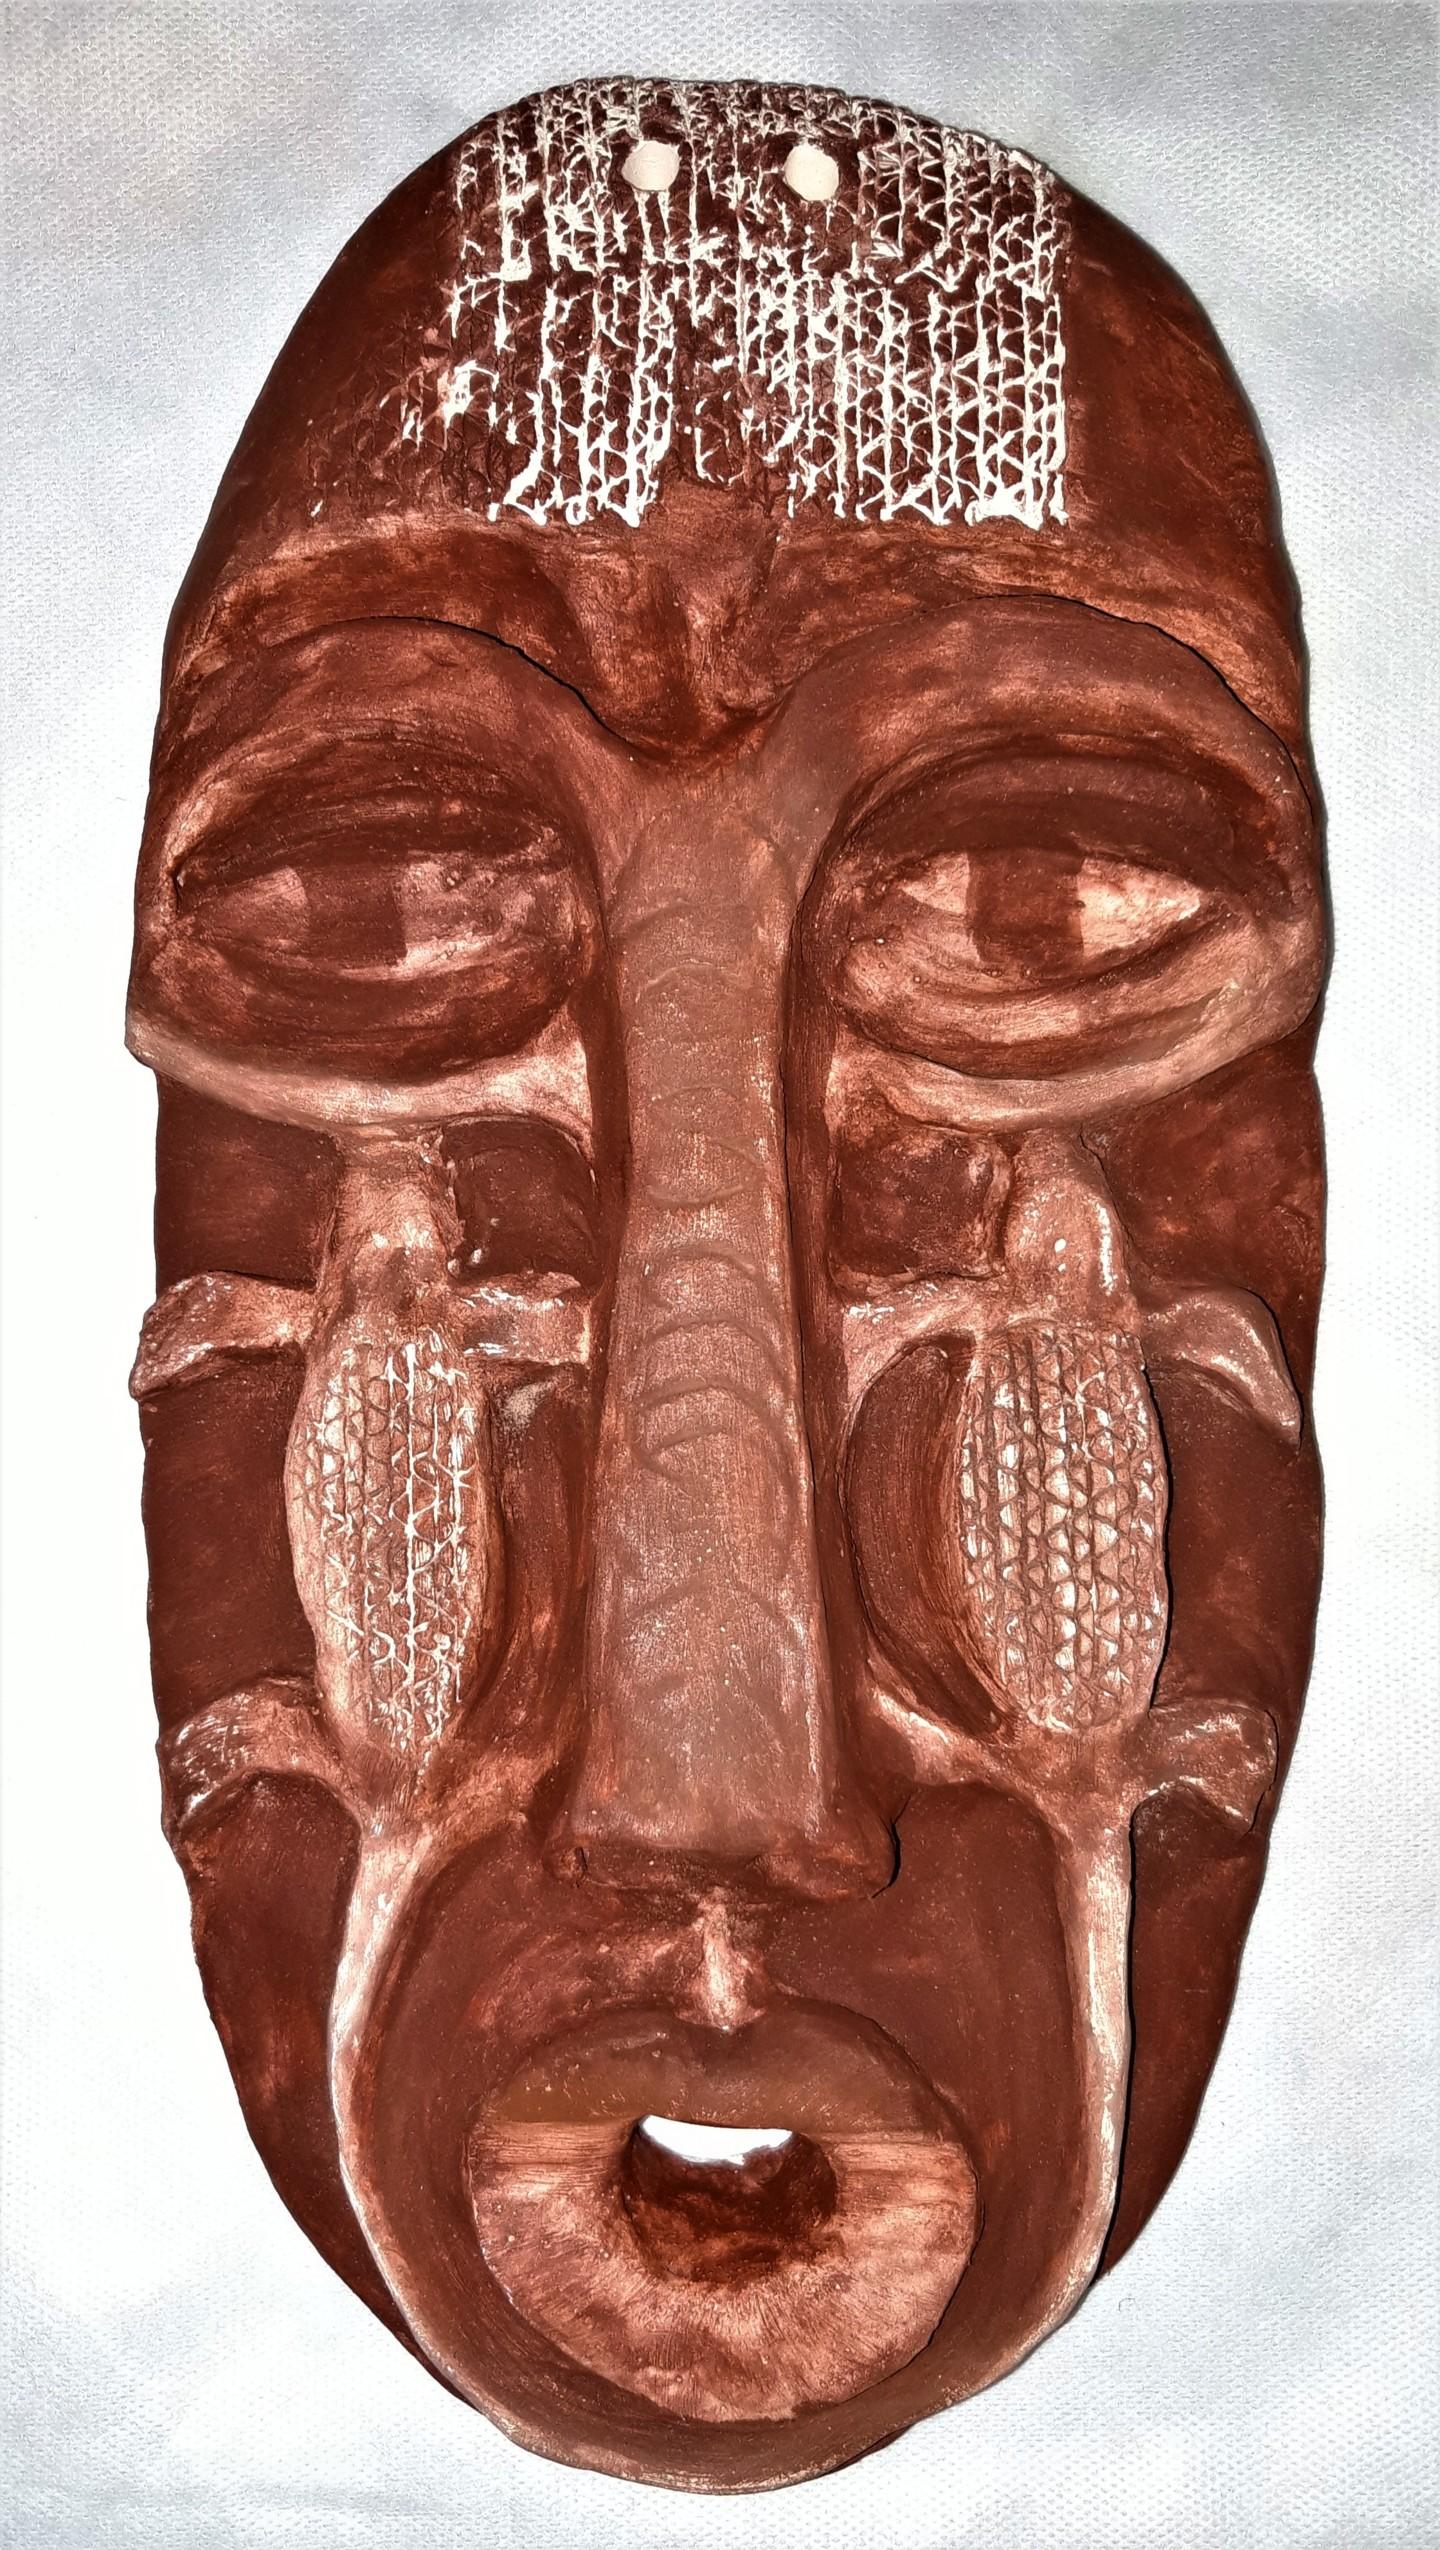 Brigitte Mathé (MBL) - Masque Africain sculpture